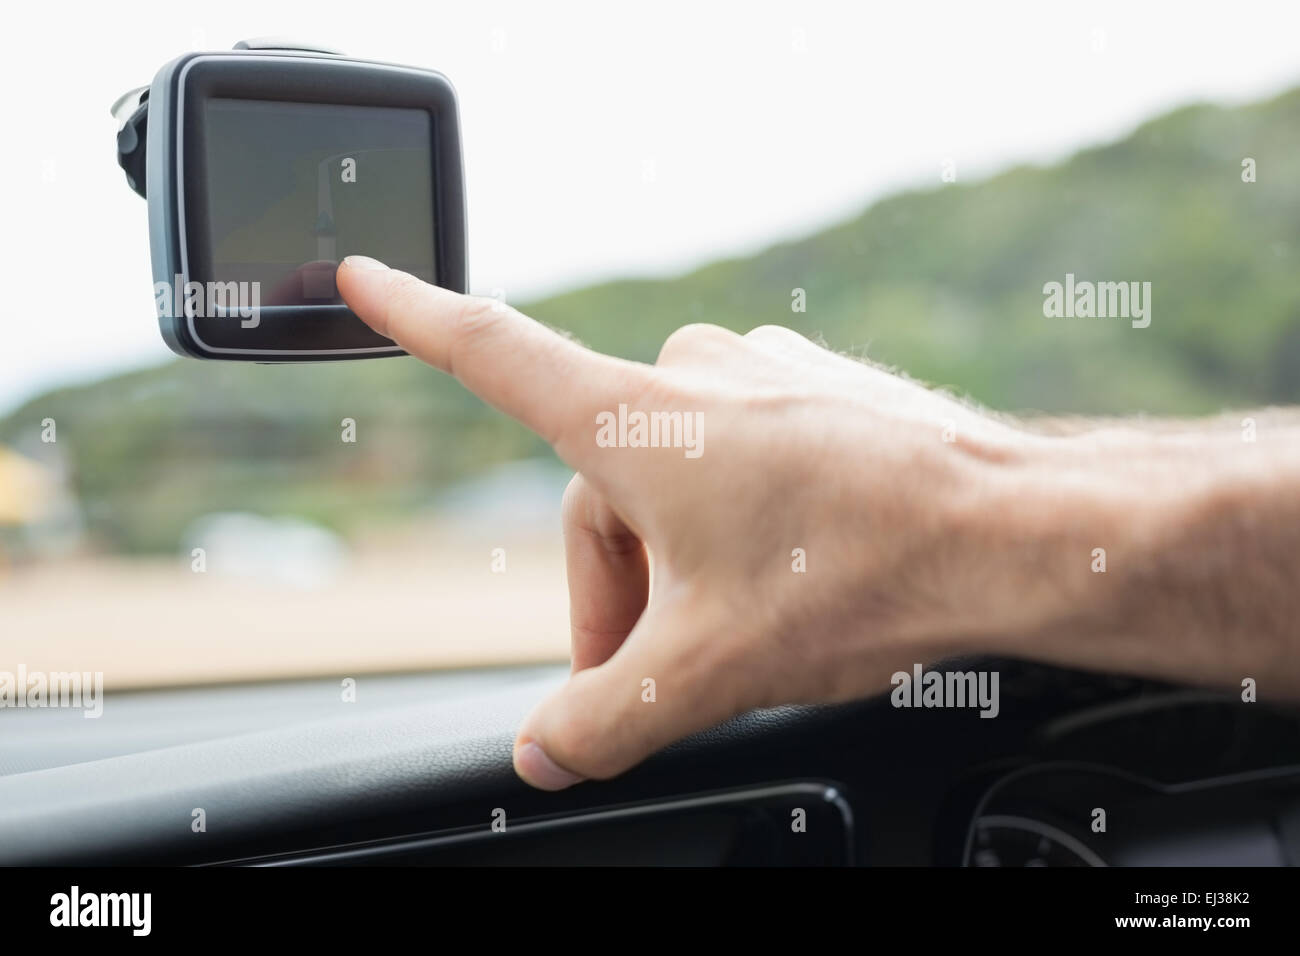 Man using satellite navigation system - Stock Image